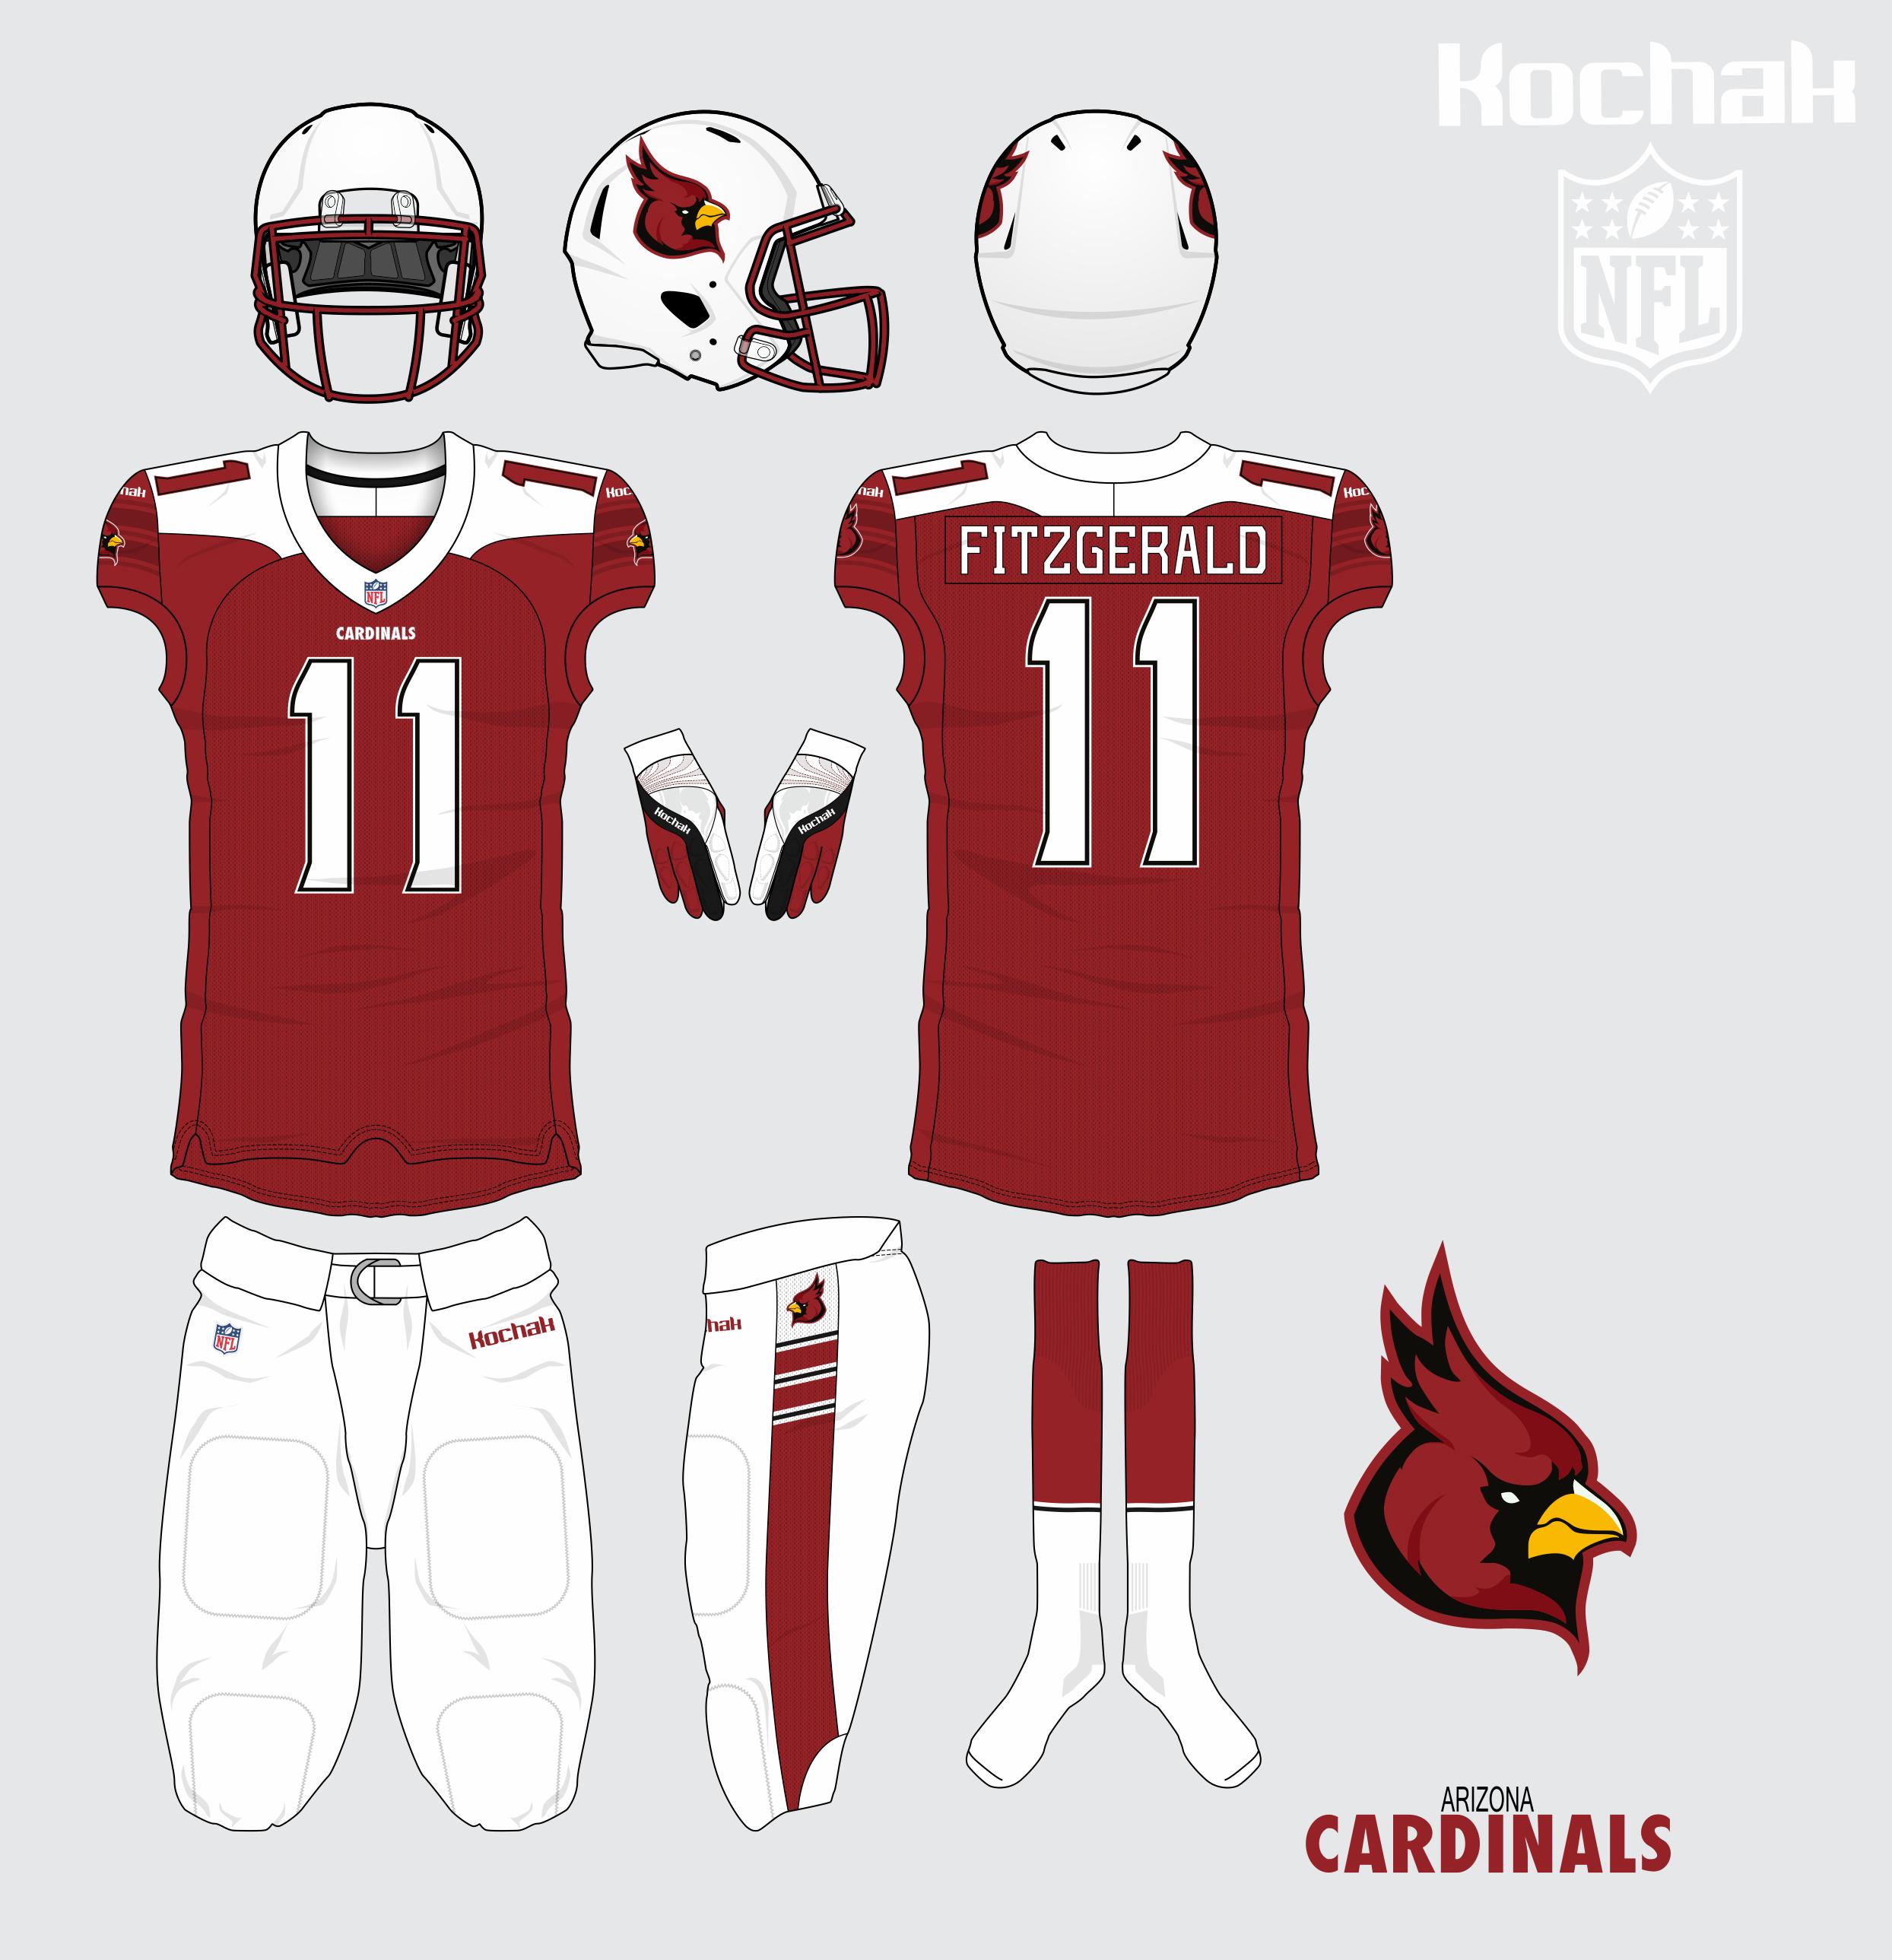 ari_cardinals-h.png